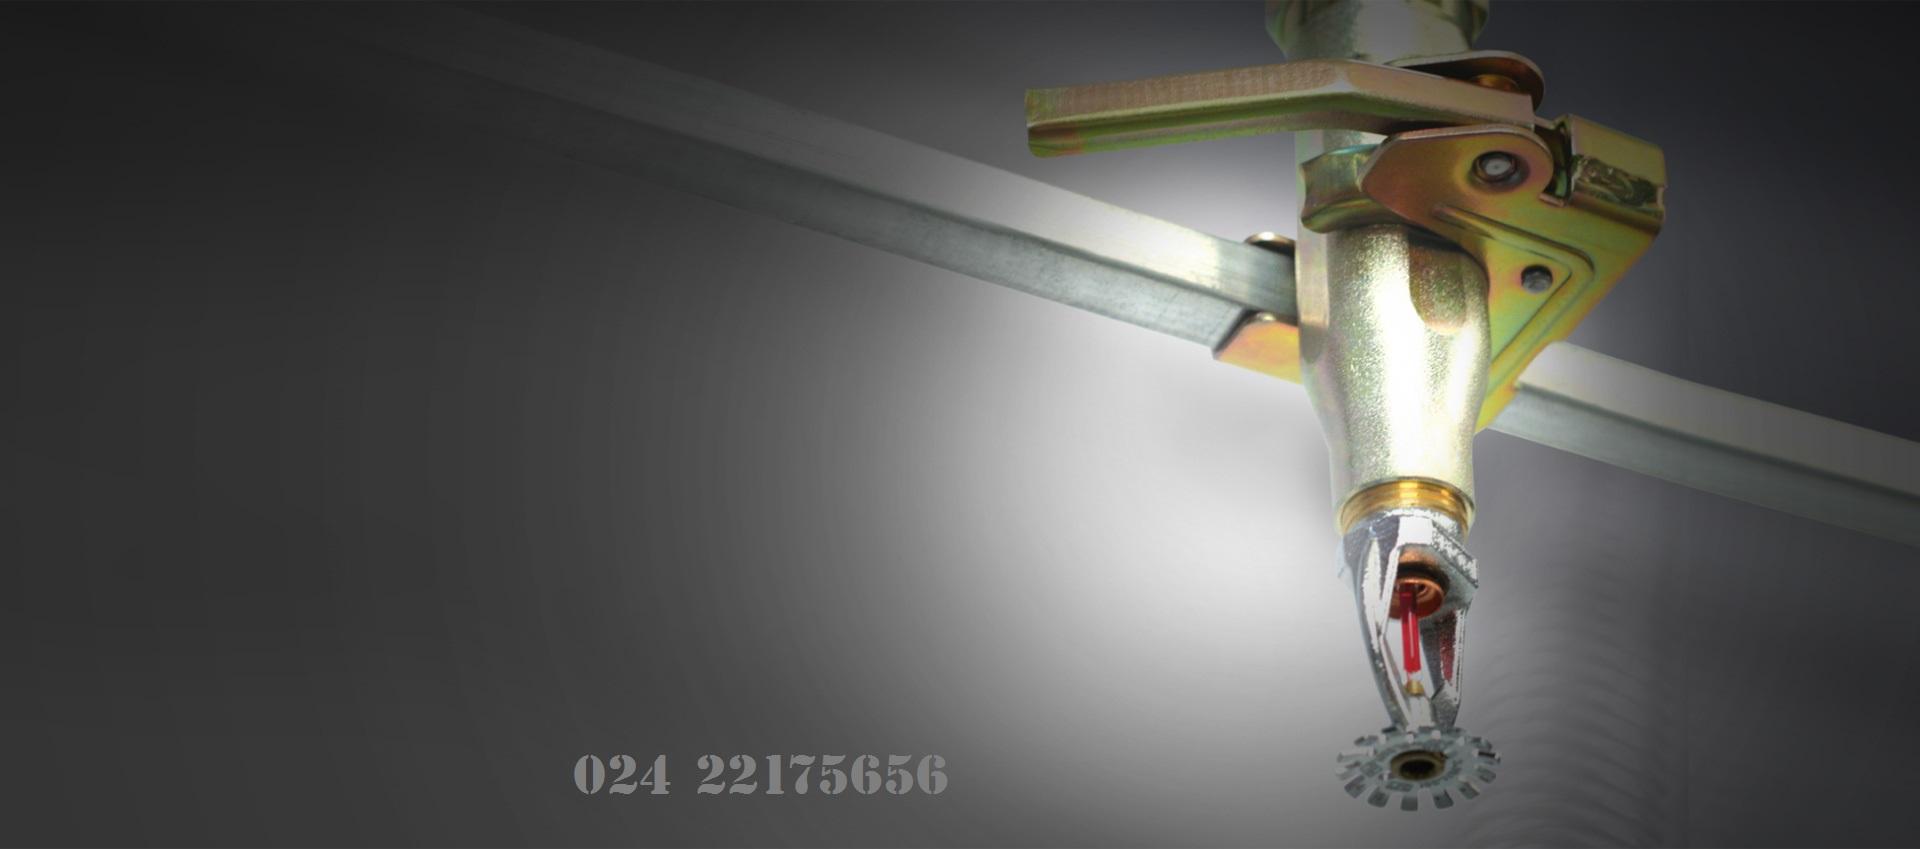 Dây mềm Inox Daejin nối sprinkler DN15, 1500mm, 175psi UL